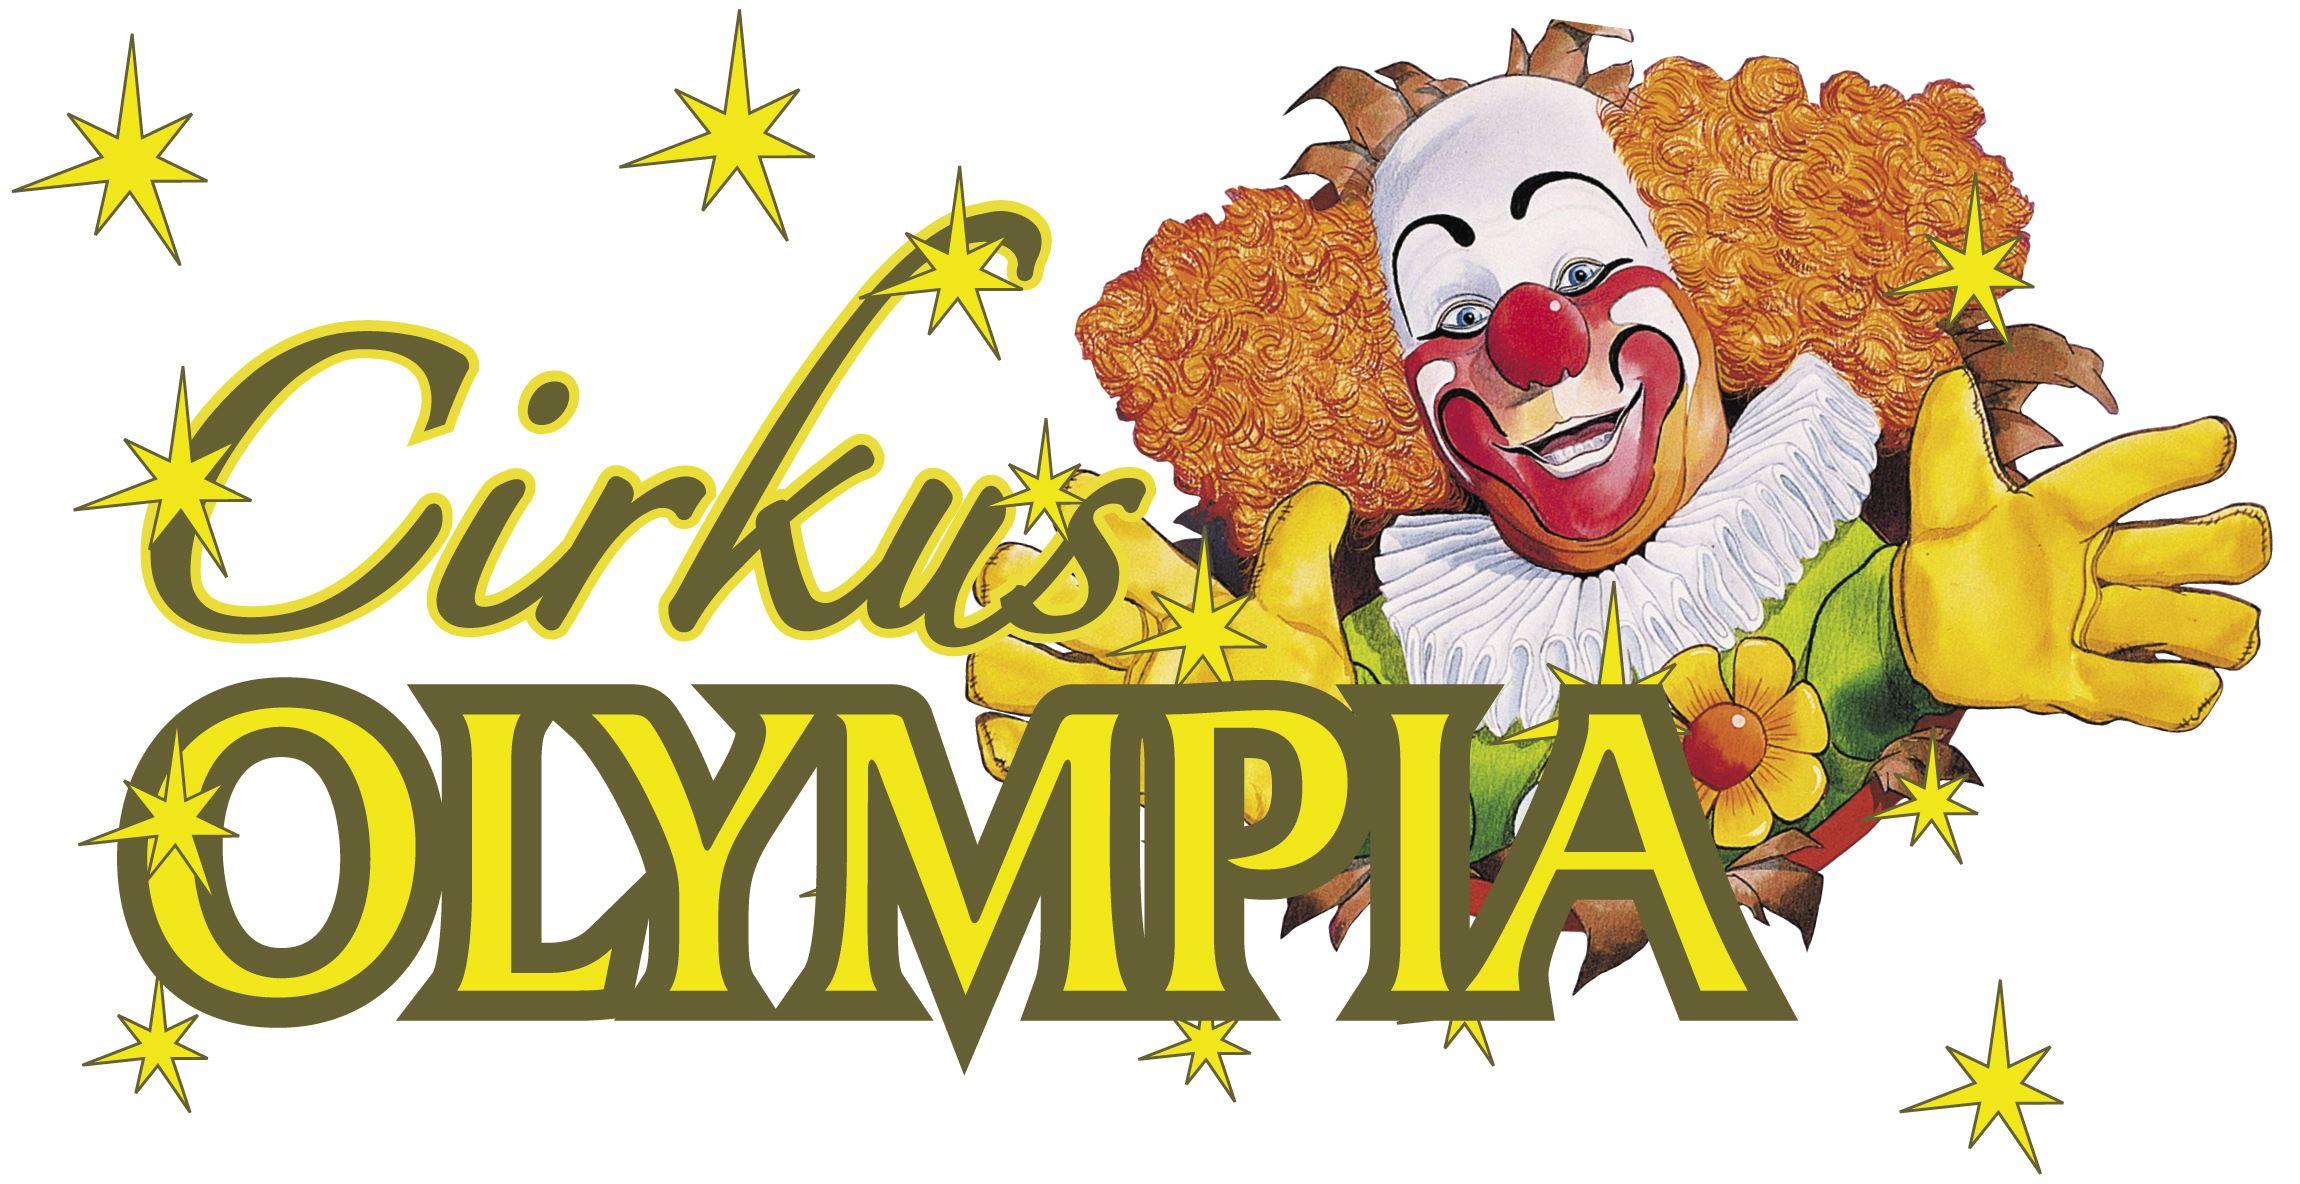 Cirkus Olympia på Slätten